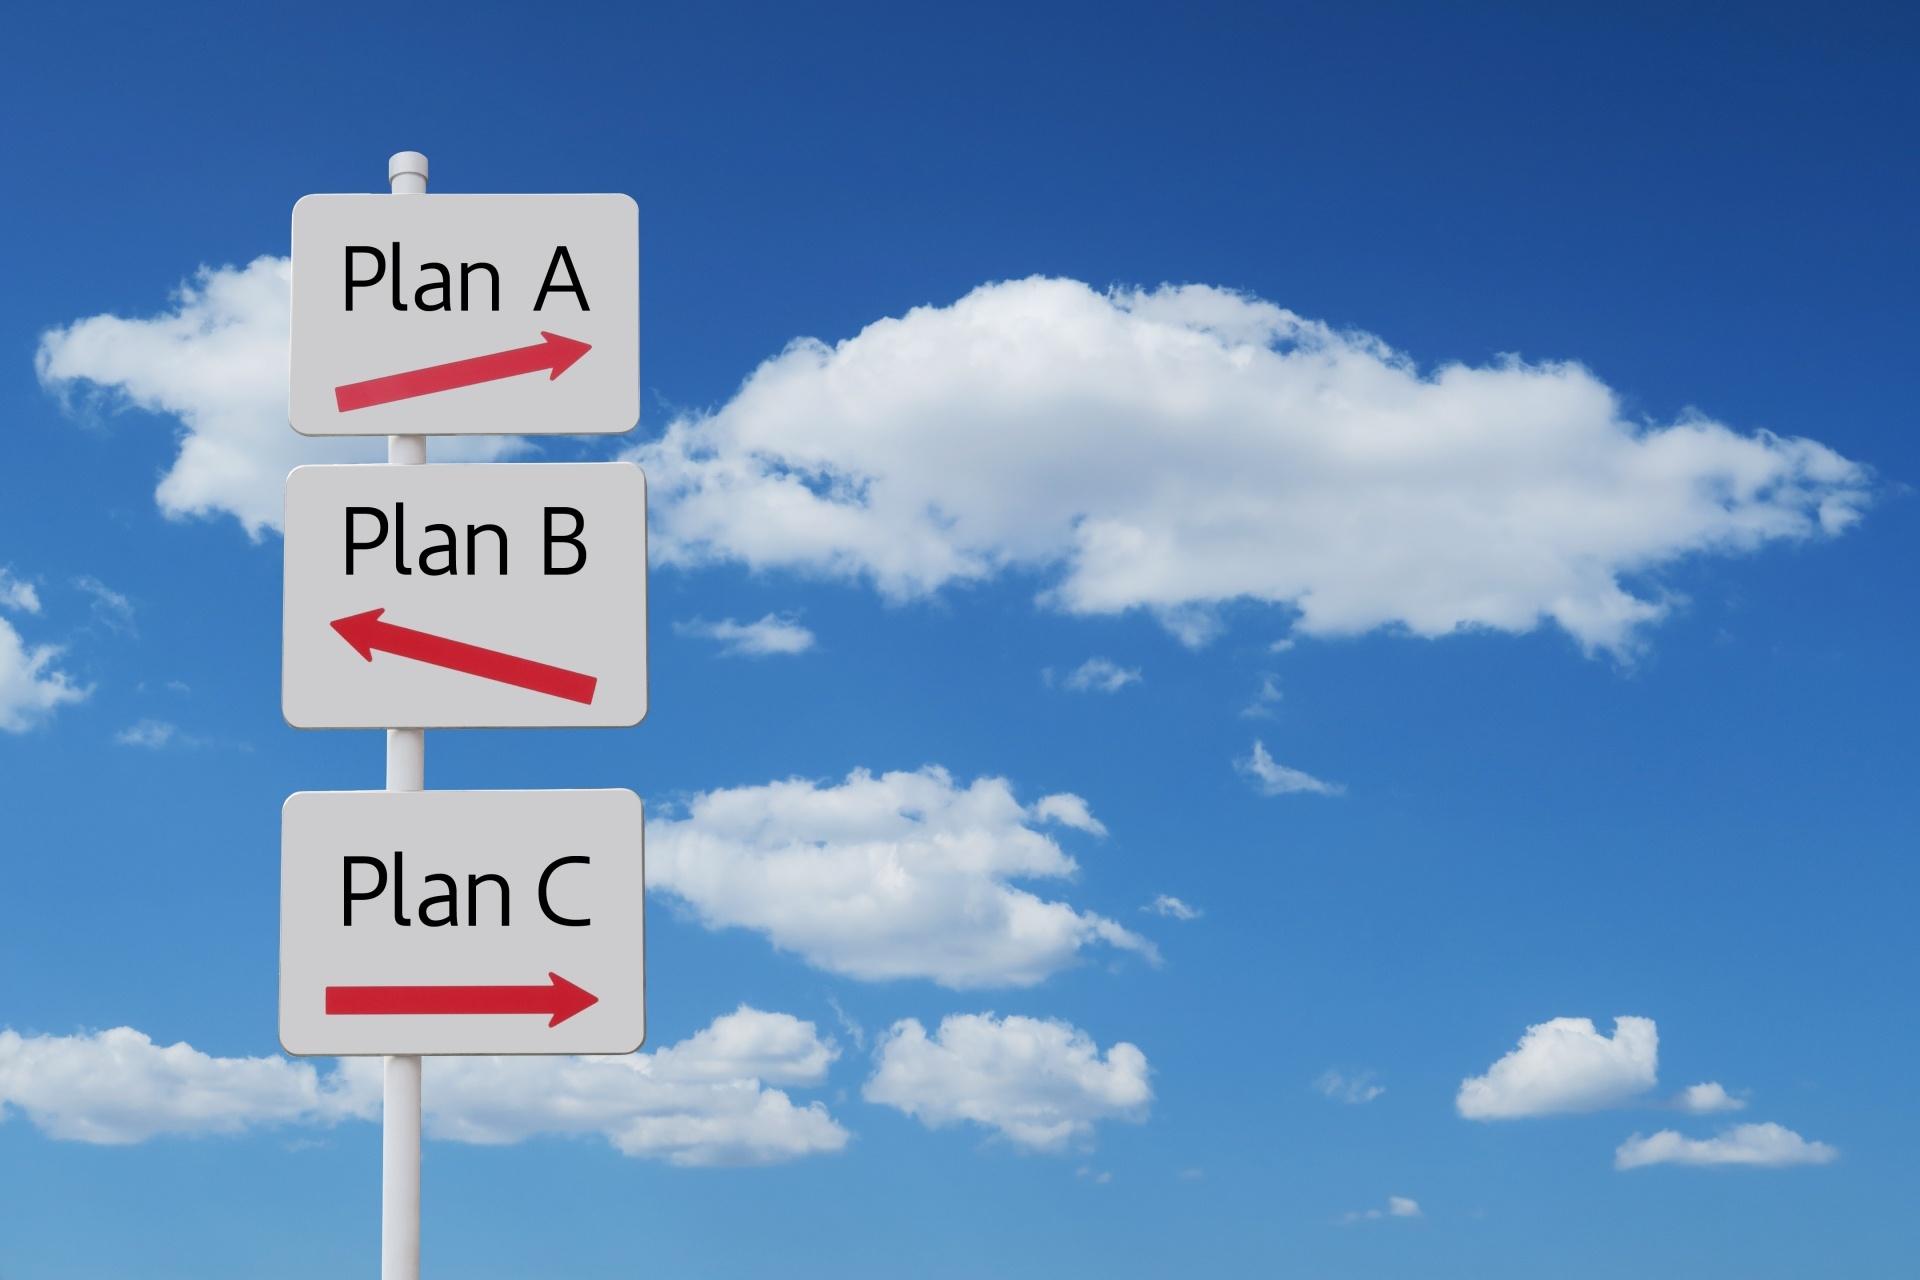 Oracle 実行計画を確認しよう